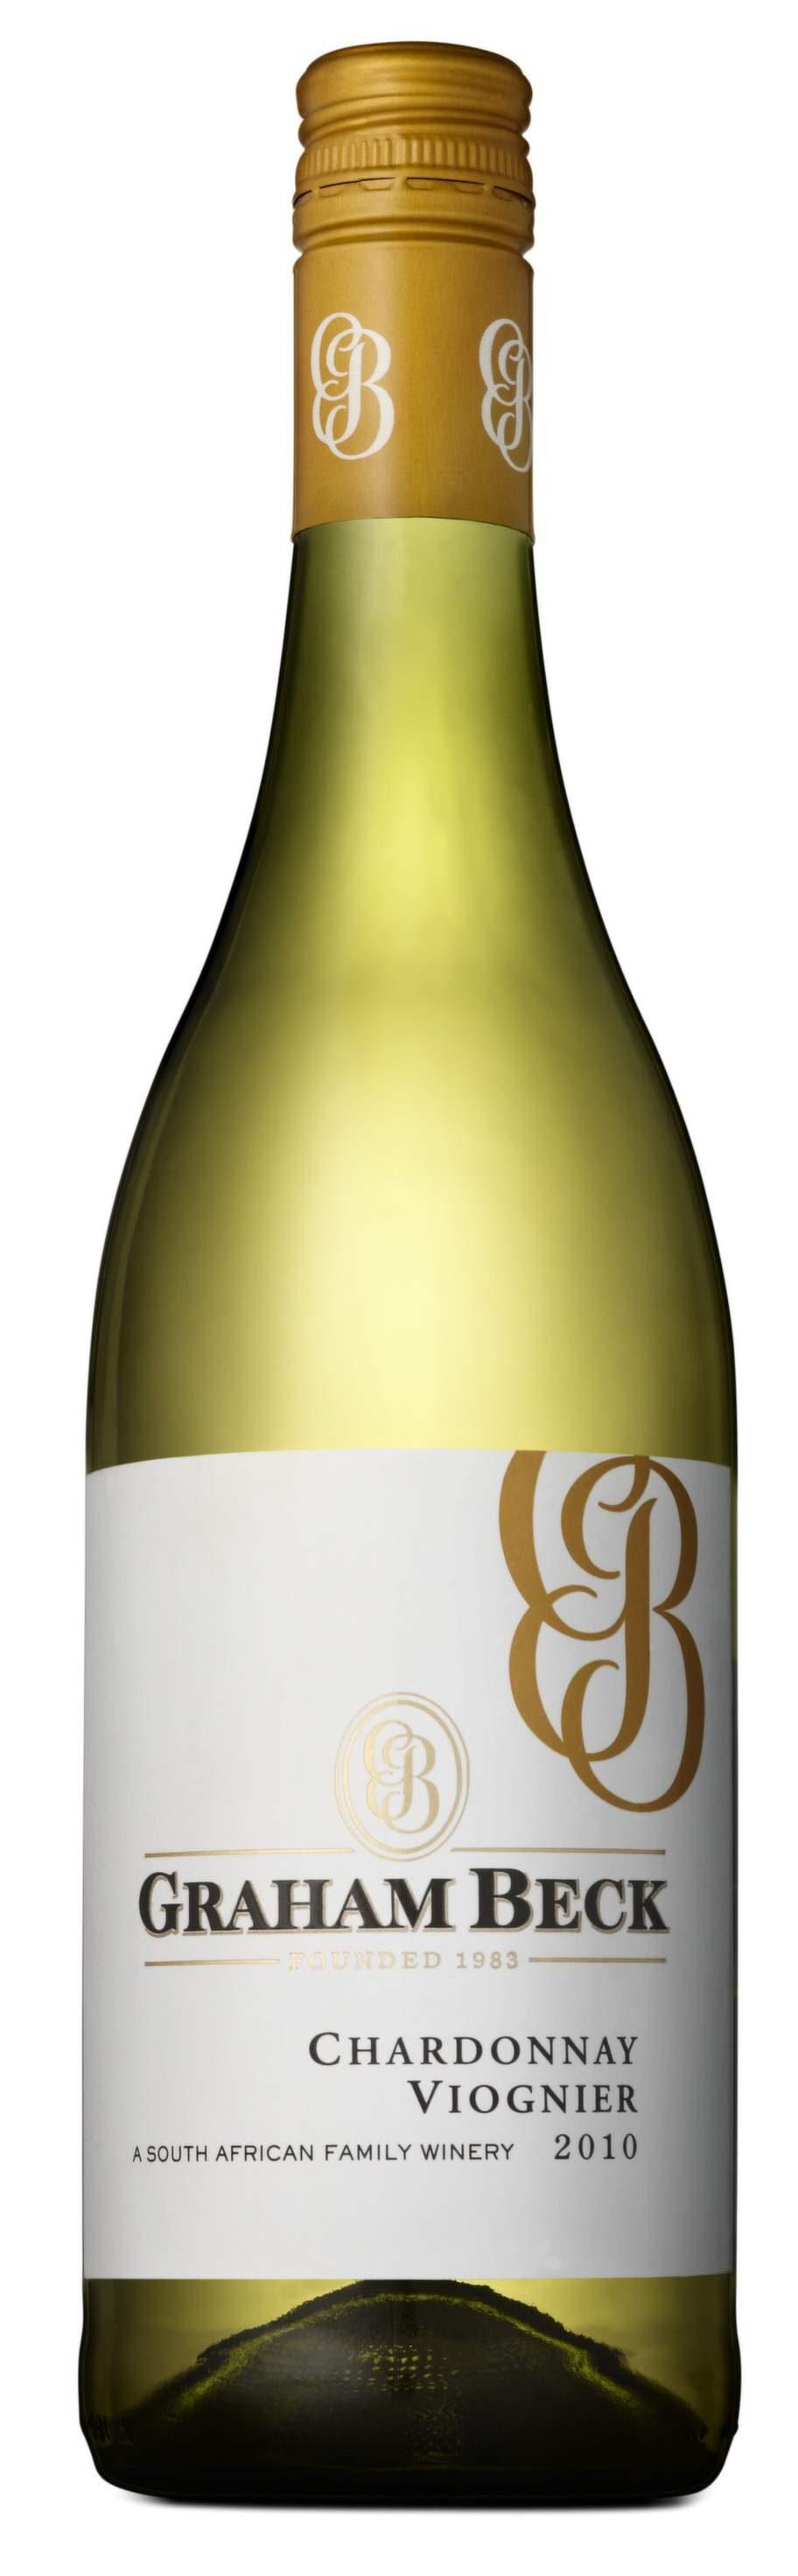 """Graham Beck Chardonnay Viognier 2013 (15515) Western Cape, 67 kr<br><exp:icon type=""""wasp""""></exp:icon><exp:icon type=""""wasp""""></exp:icon><exp:icon type=""""wasp""""></exp:icon><exp:icon type=""""wasp""""></exp:icon>"""